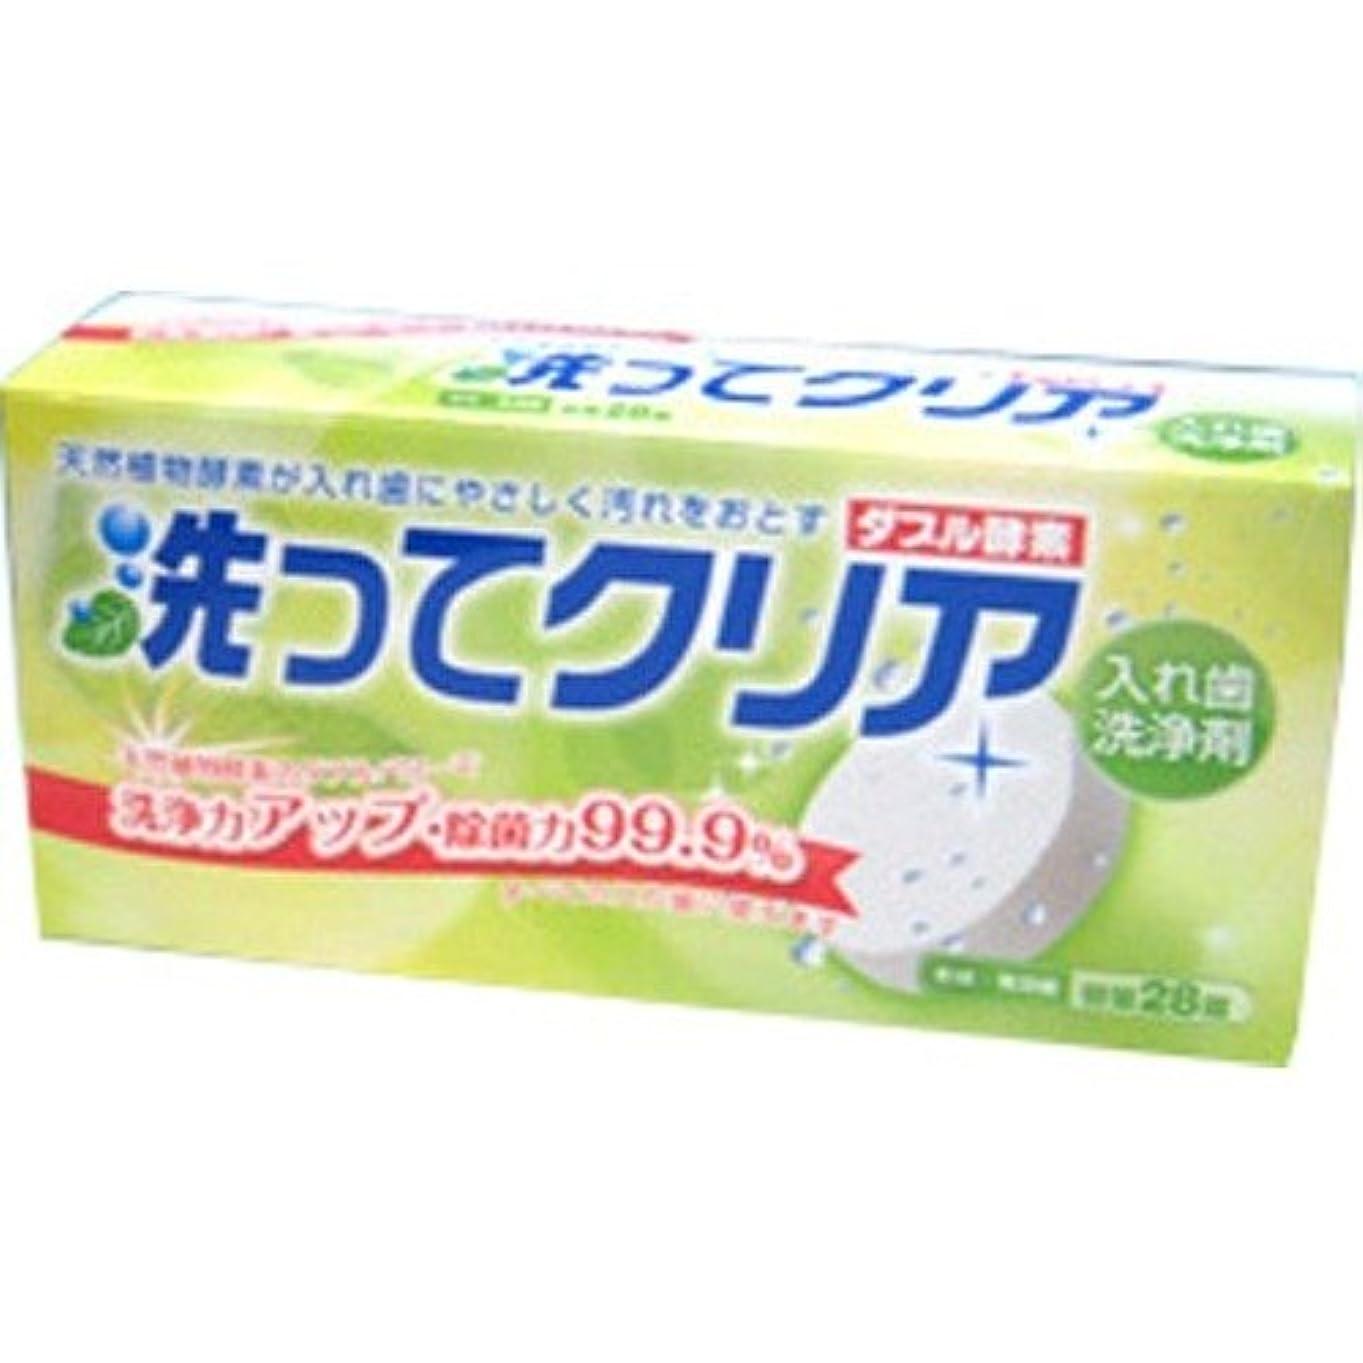 服を片付ける合計する東伸洋行株式会社 洗ってクリア ダブル酵素 28錠 入れ歯洗浄剤